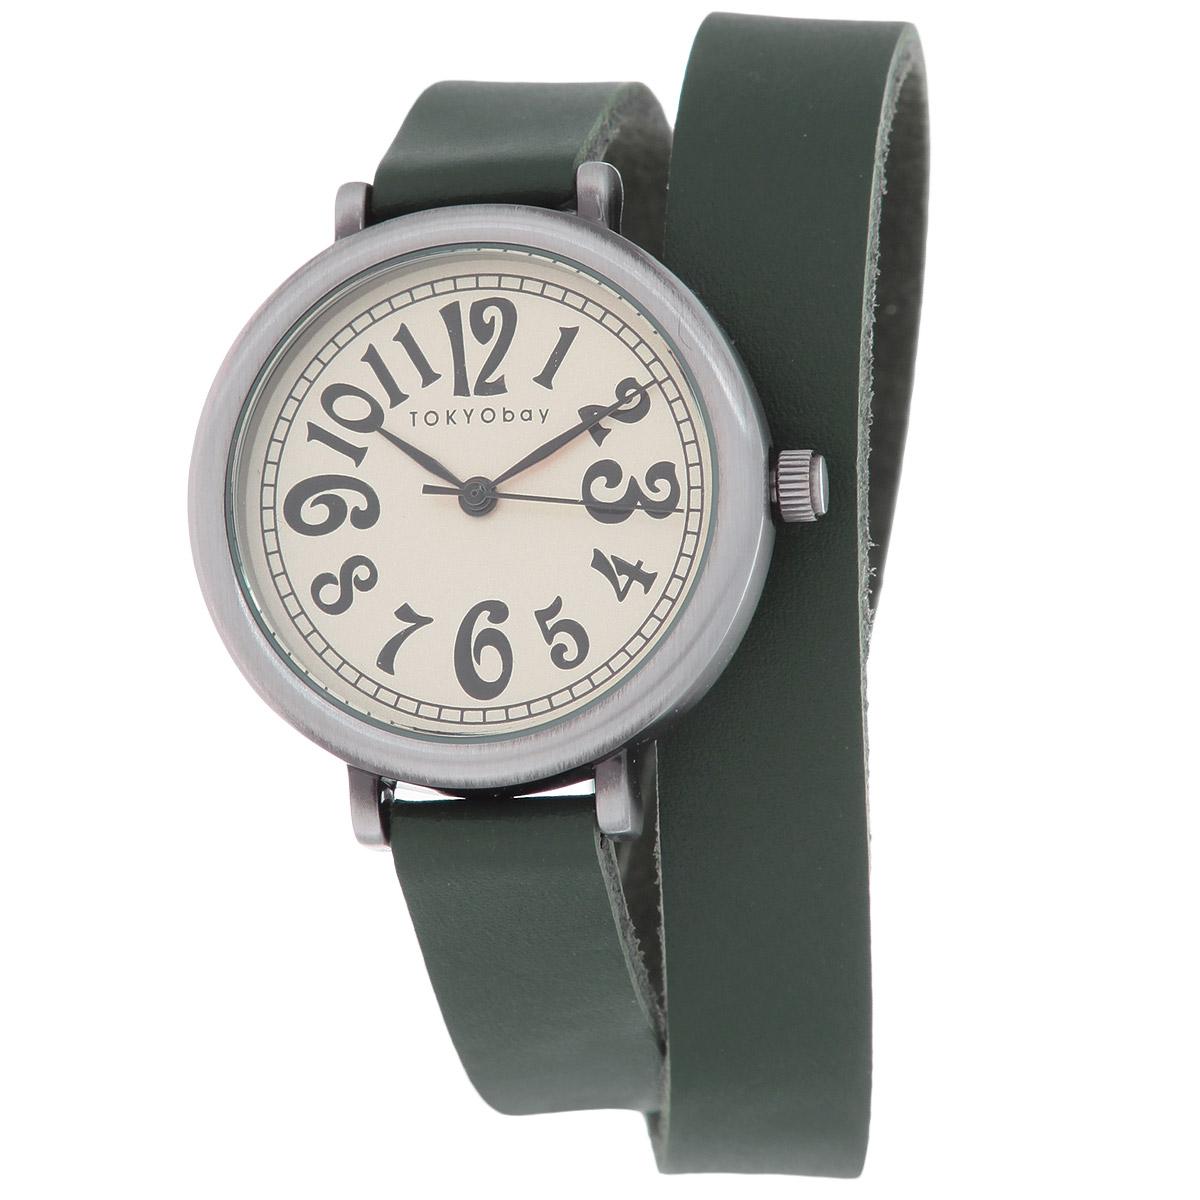 Часы женские наручные Tokyobay Cavalry,цвет: зеленый. TL425-GRTL425-GRНаручные часы Tokyobay - это стильное дополнение к вашему неповторимому образу. Эти часы созданы для современных женщин, ценящих стиль, качество и практичность. Часы оснащены японским кварцевым механизмом Miyota. Задняя крышка изготовлена из нержавеющей стали. Корпус изготовлен из металла. Циферблат оформлен декоративными арабскими цифрами, имеются часовая, минутная и секундная стрелки. Ремешок выполнен из кожи, застегивается на классическую застежку-пряжку. Часы Tokyobay - это практичный и модный аксессуар, который подчеркнет ваш безупречный вкус. Характеристики: Корпус: 3,3 х 3,3 х 0,8 см. Размер ремешка: 39 х 1,1 см. Не содержит никель. Не водостойкие.